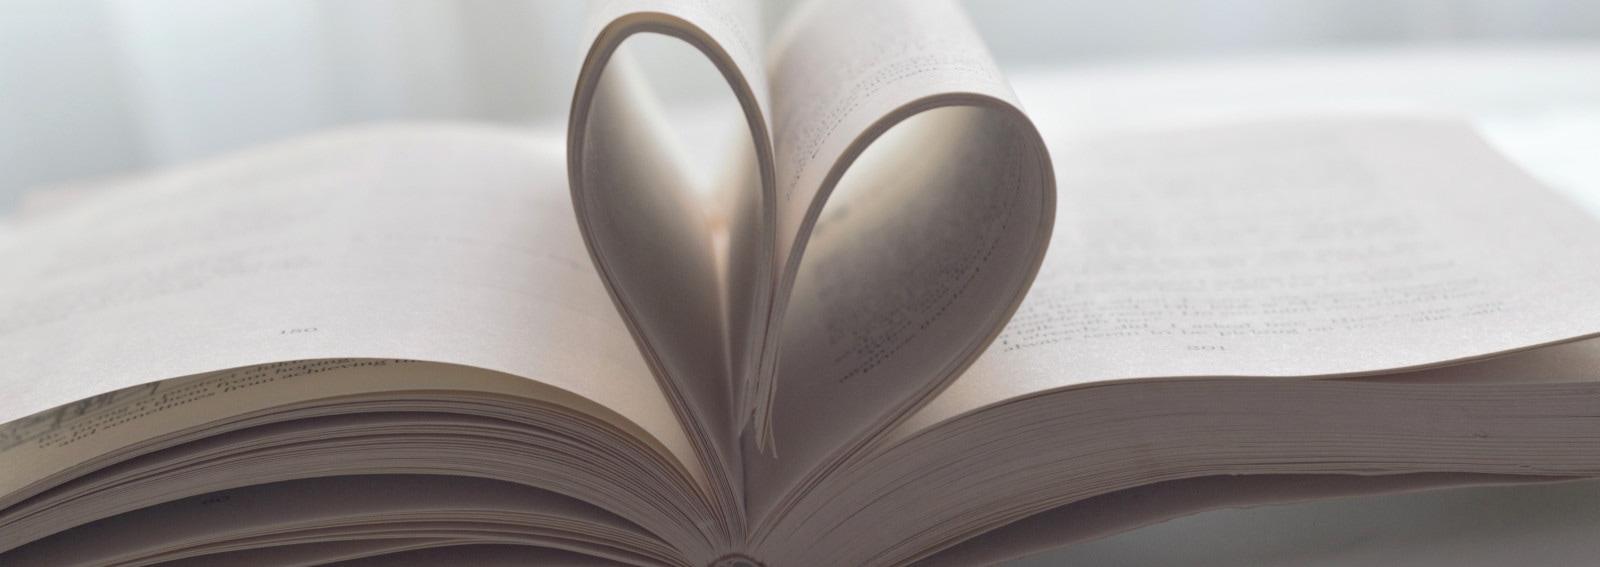 visore-libri-romanticiDESK